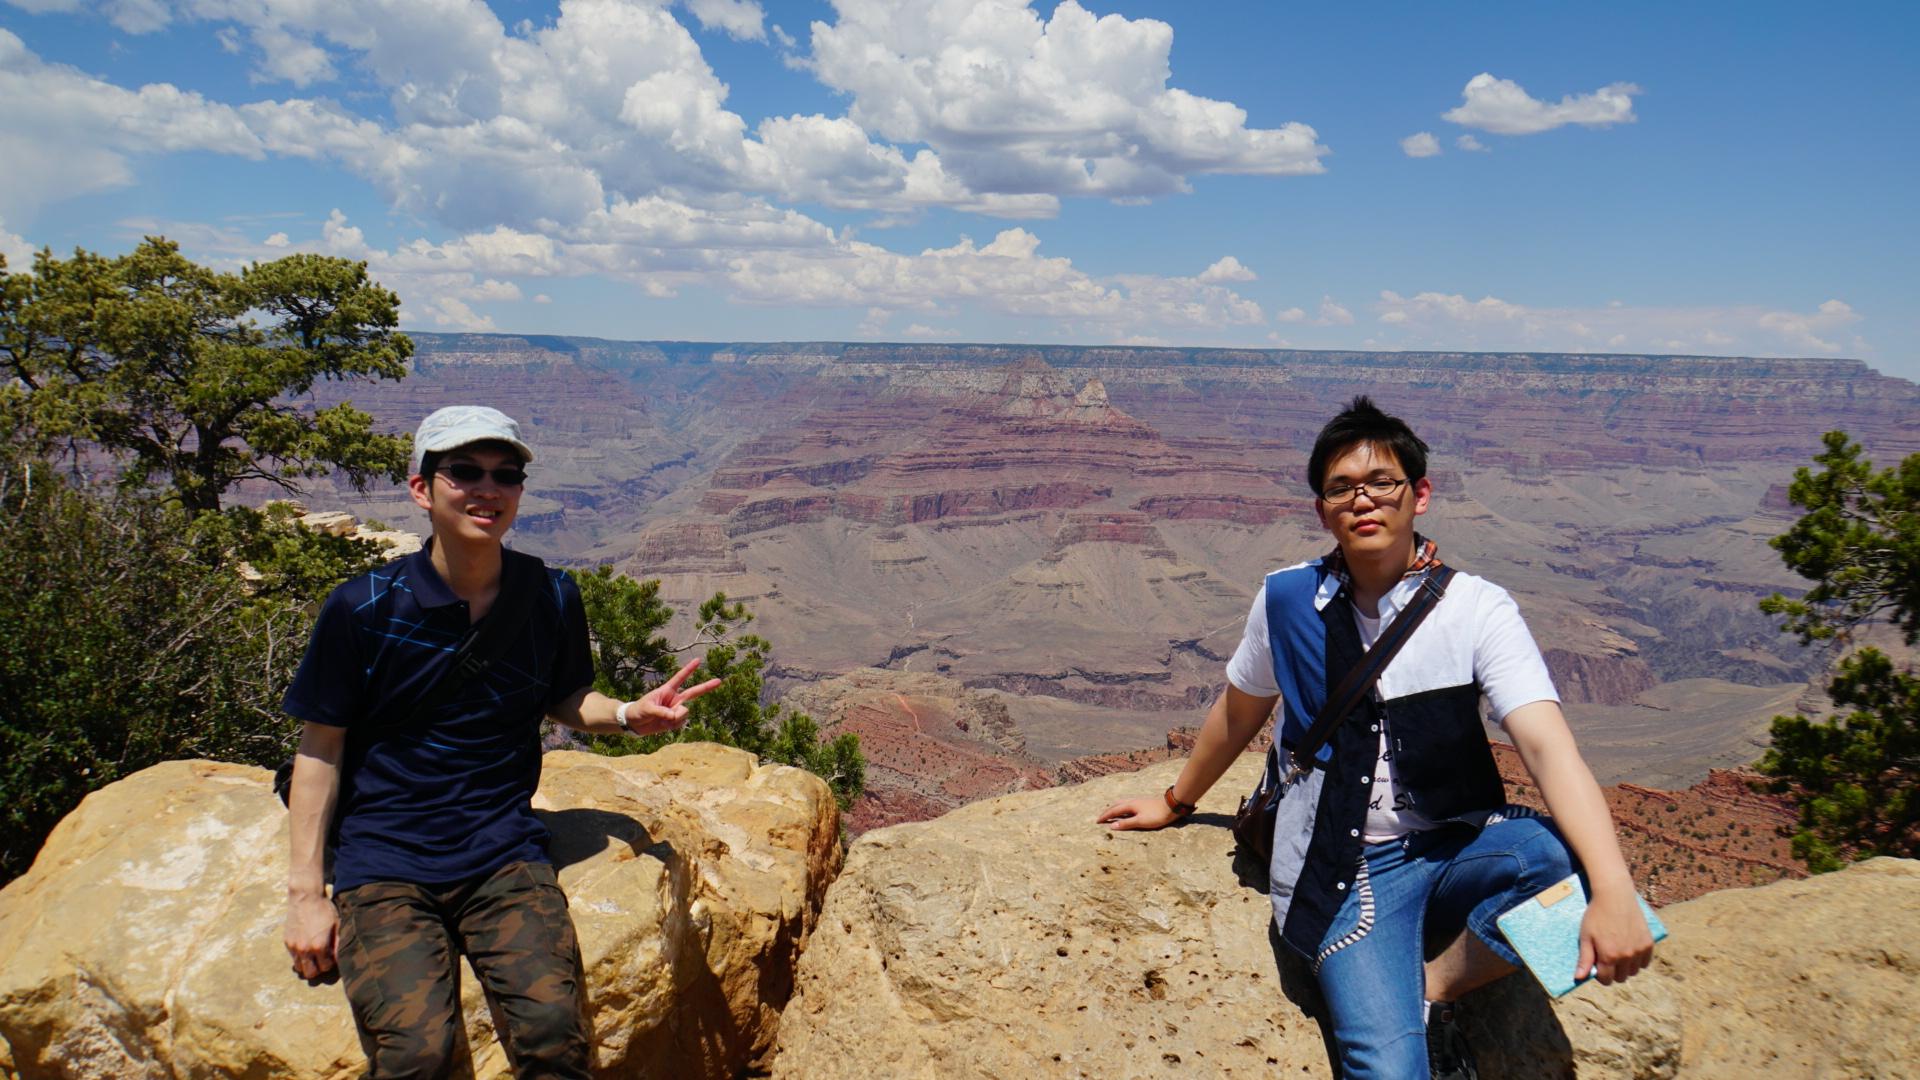 地平まで広大な渓谷が広がっていたグランドキャニオン(アリゾナ州)